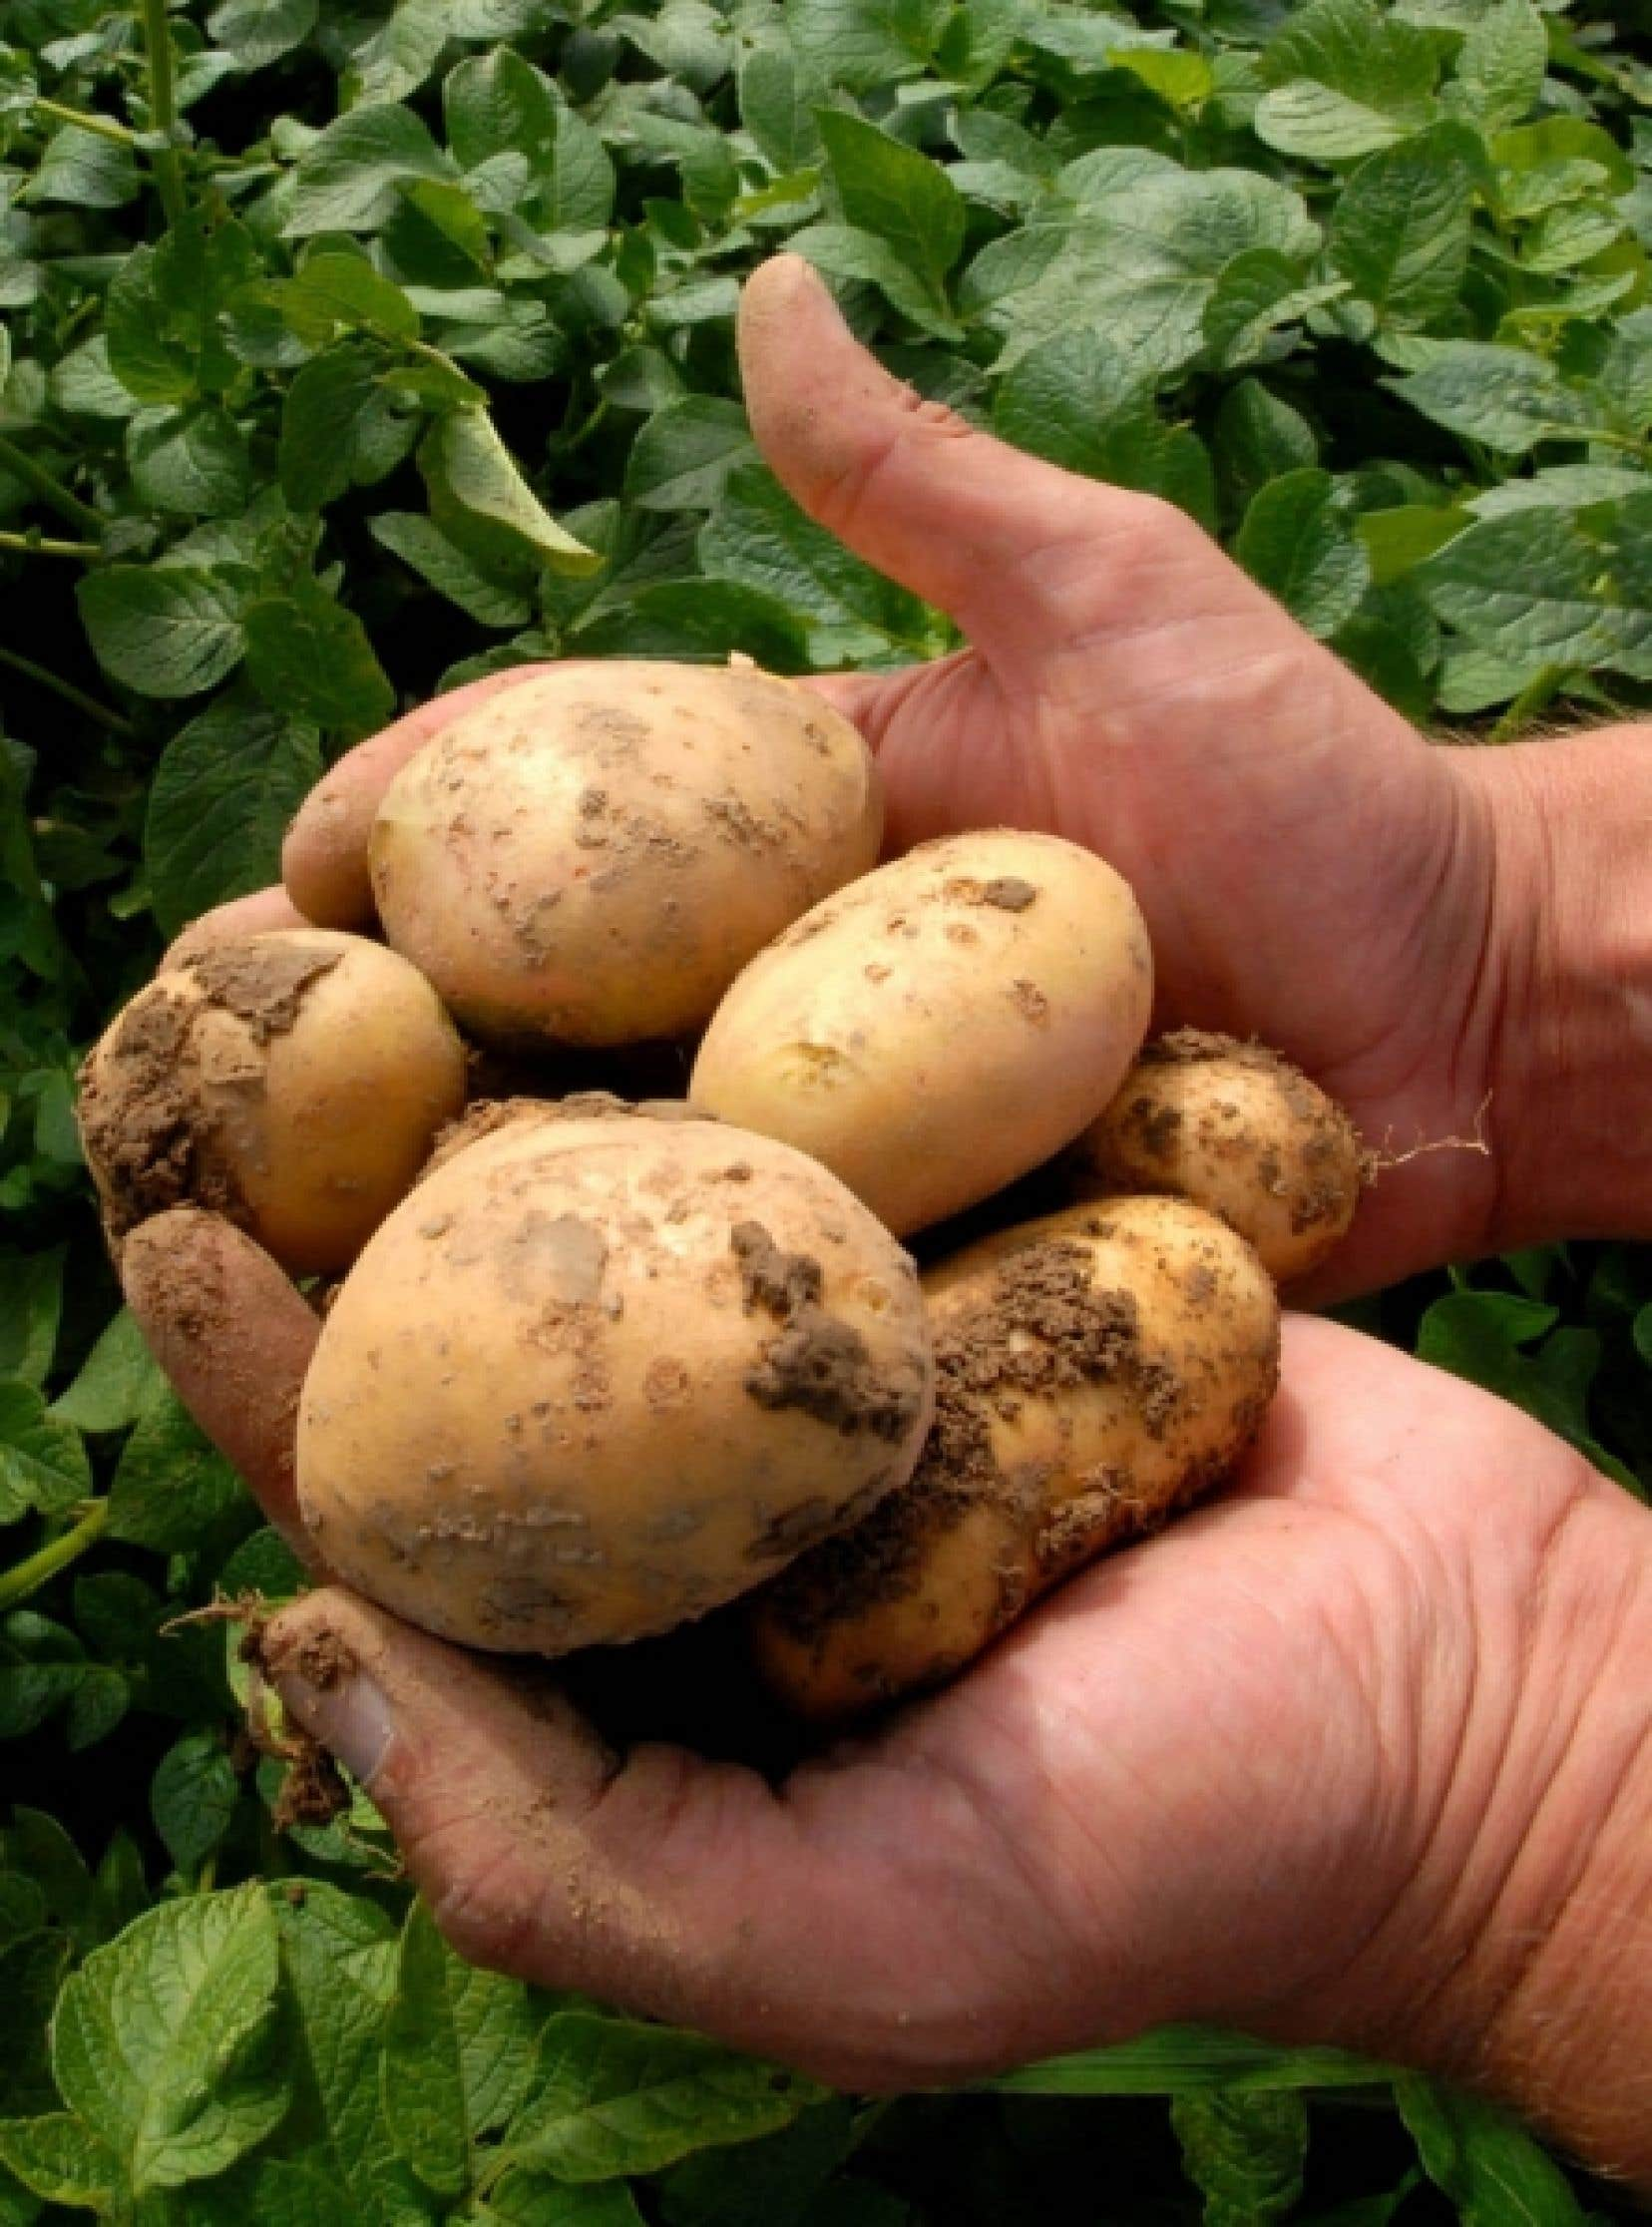 En Allemagne, un homme tient dans ses mains des pommes de terre g&eacute;n&eacute;tiquement modifi&eacute;es. Entre 2009 et 2010, 148 millions d&rsquo;hectares d&rsquo;OGM &mdash; soit 3000 fois la superficie de l&rsquo;&icirc;le de Montr&eacute;al &mdash; ont &eacute;t&eacute; cultiv&eacute;s sur la plan&egrave;te.<br />